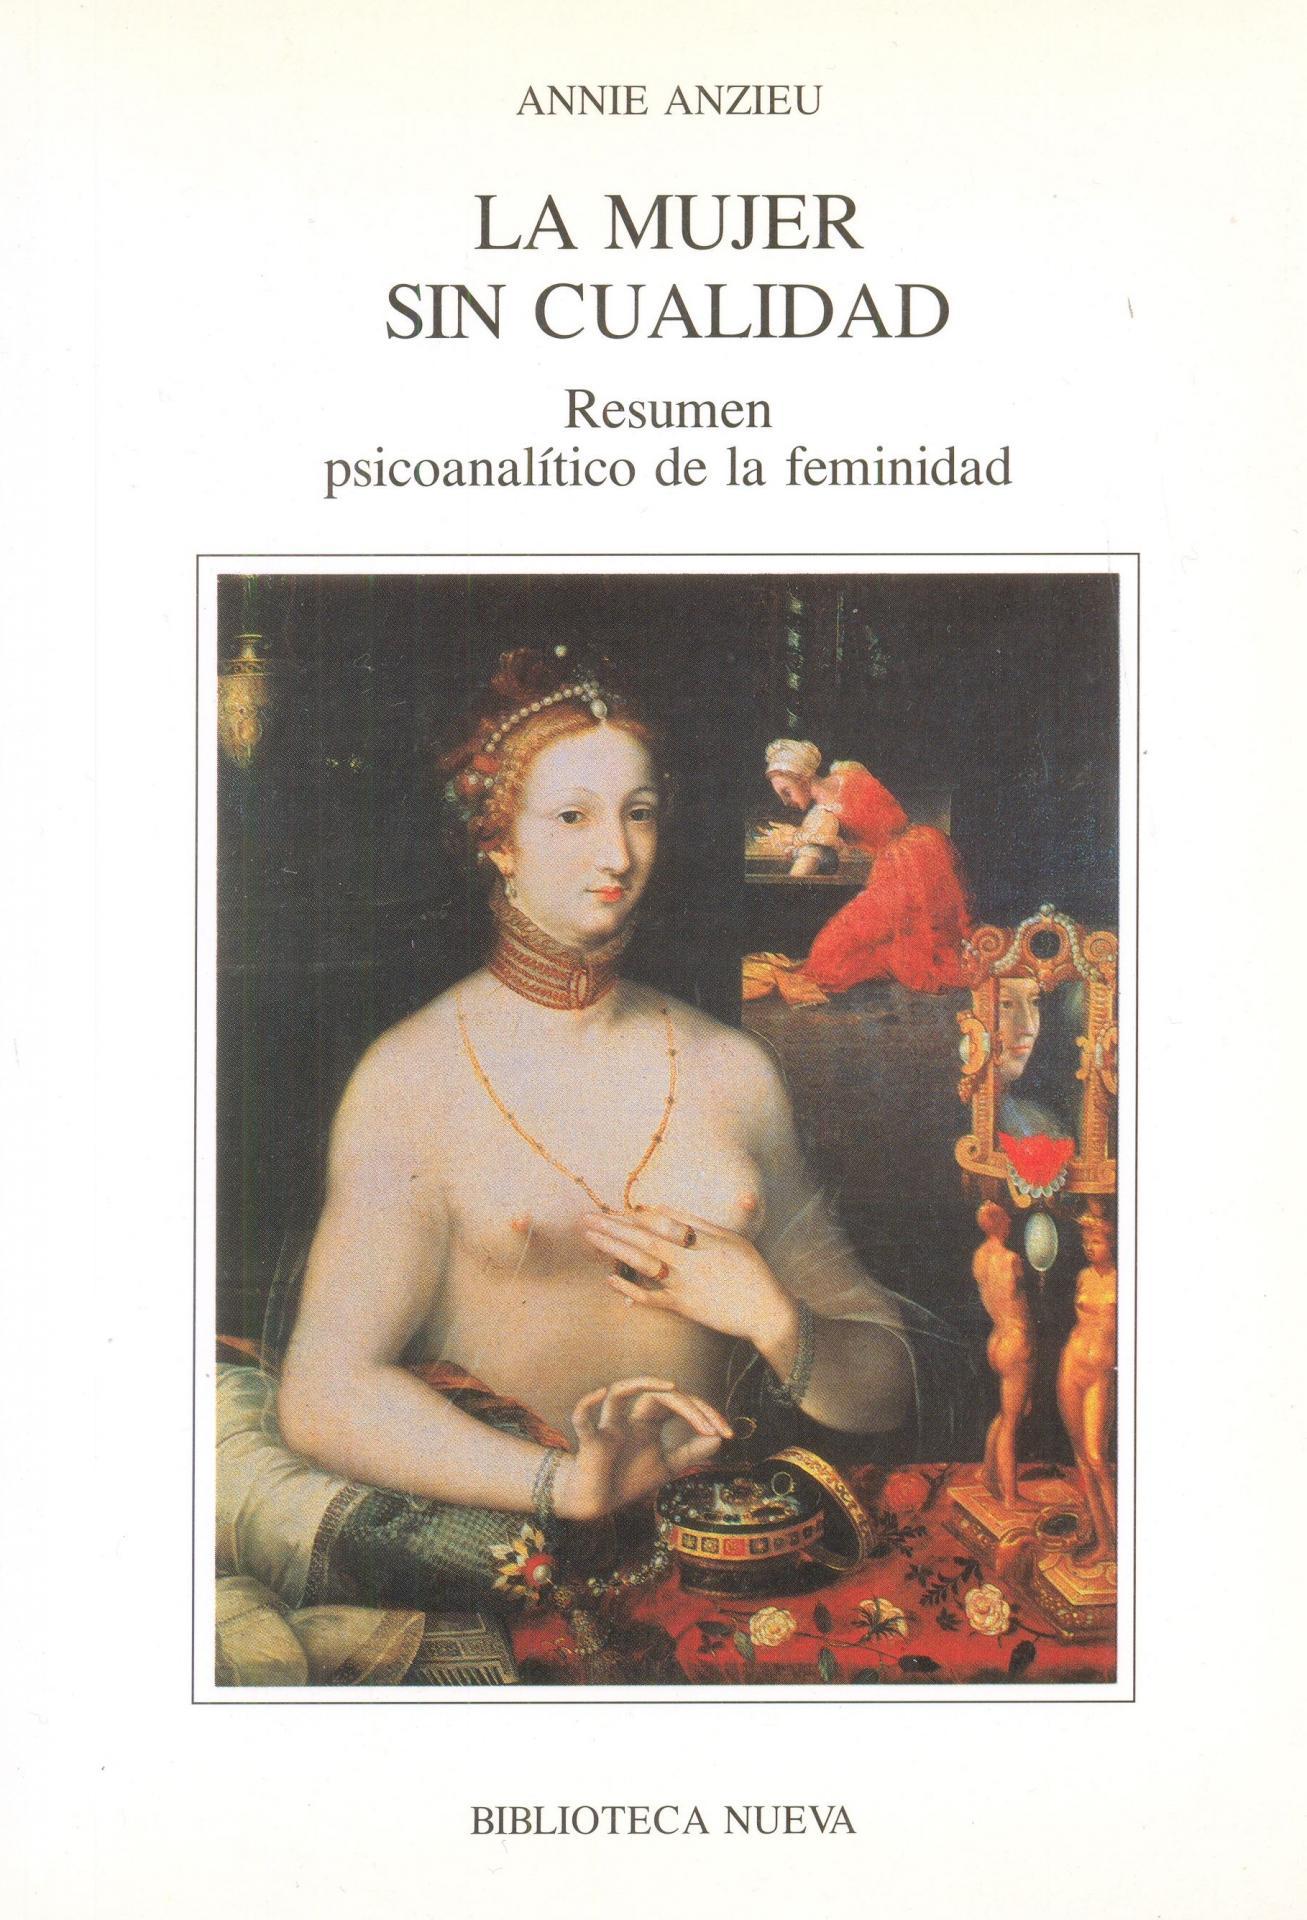 LA MUJER SIN CUALIDAD. Resumen psicoanalítico de la feminidad. Anzieu, A.